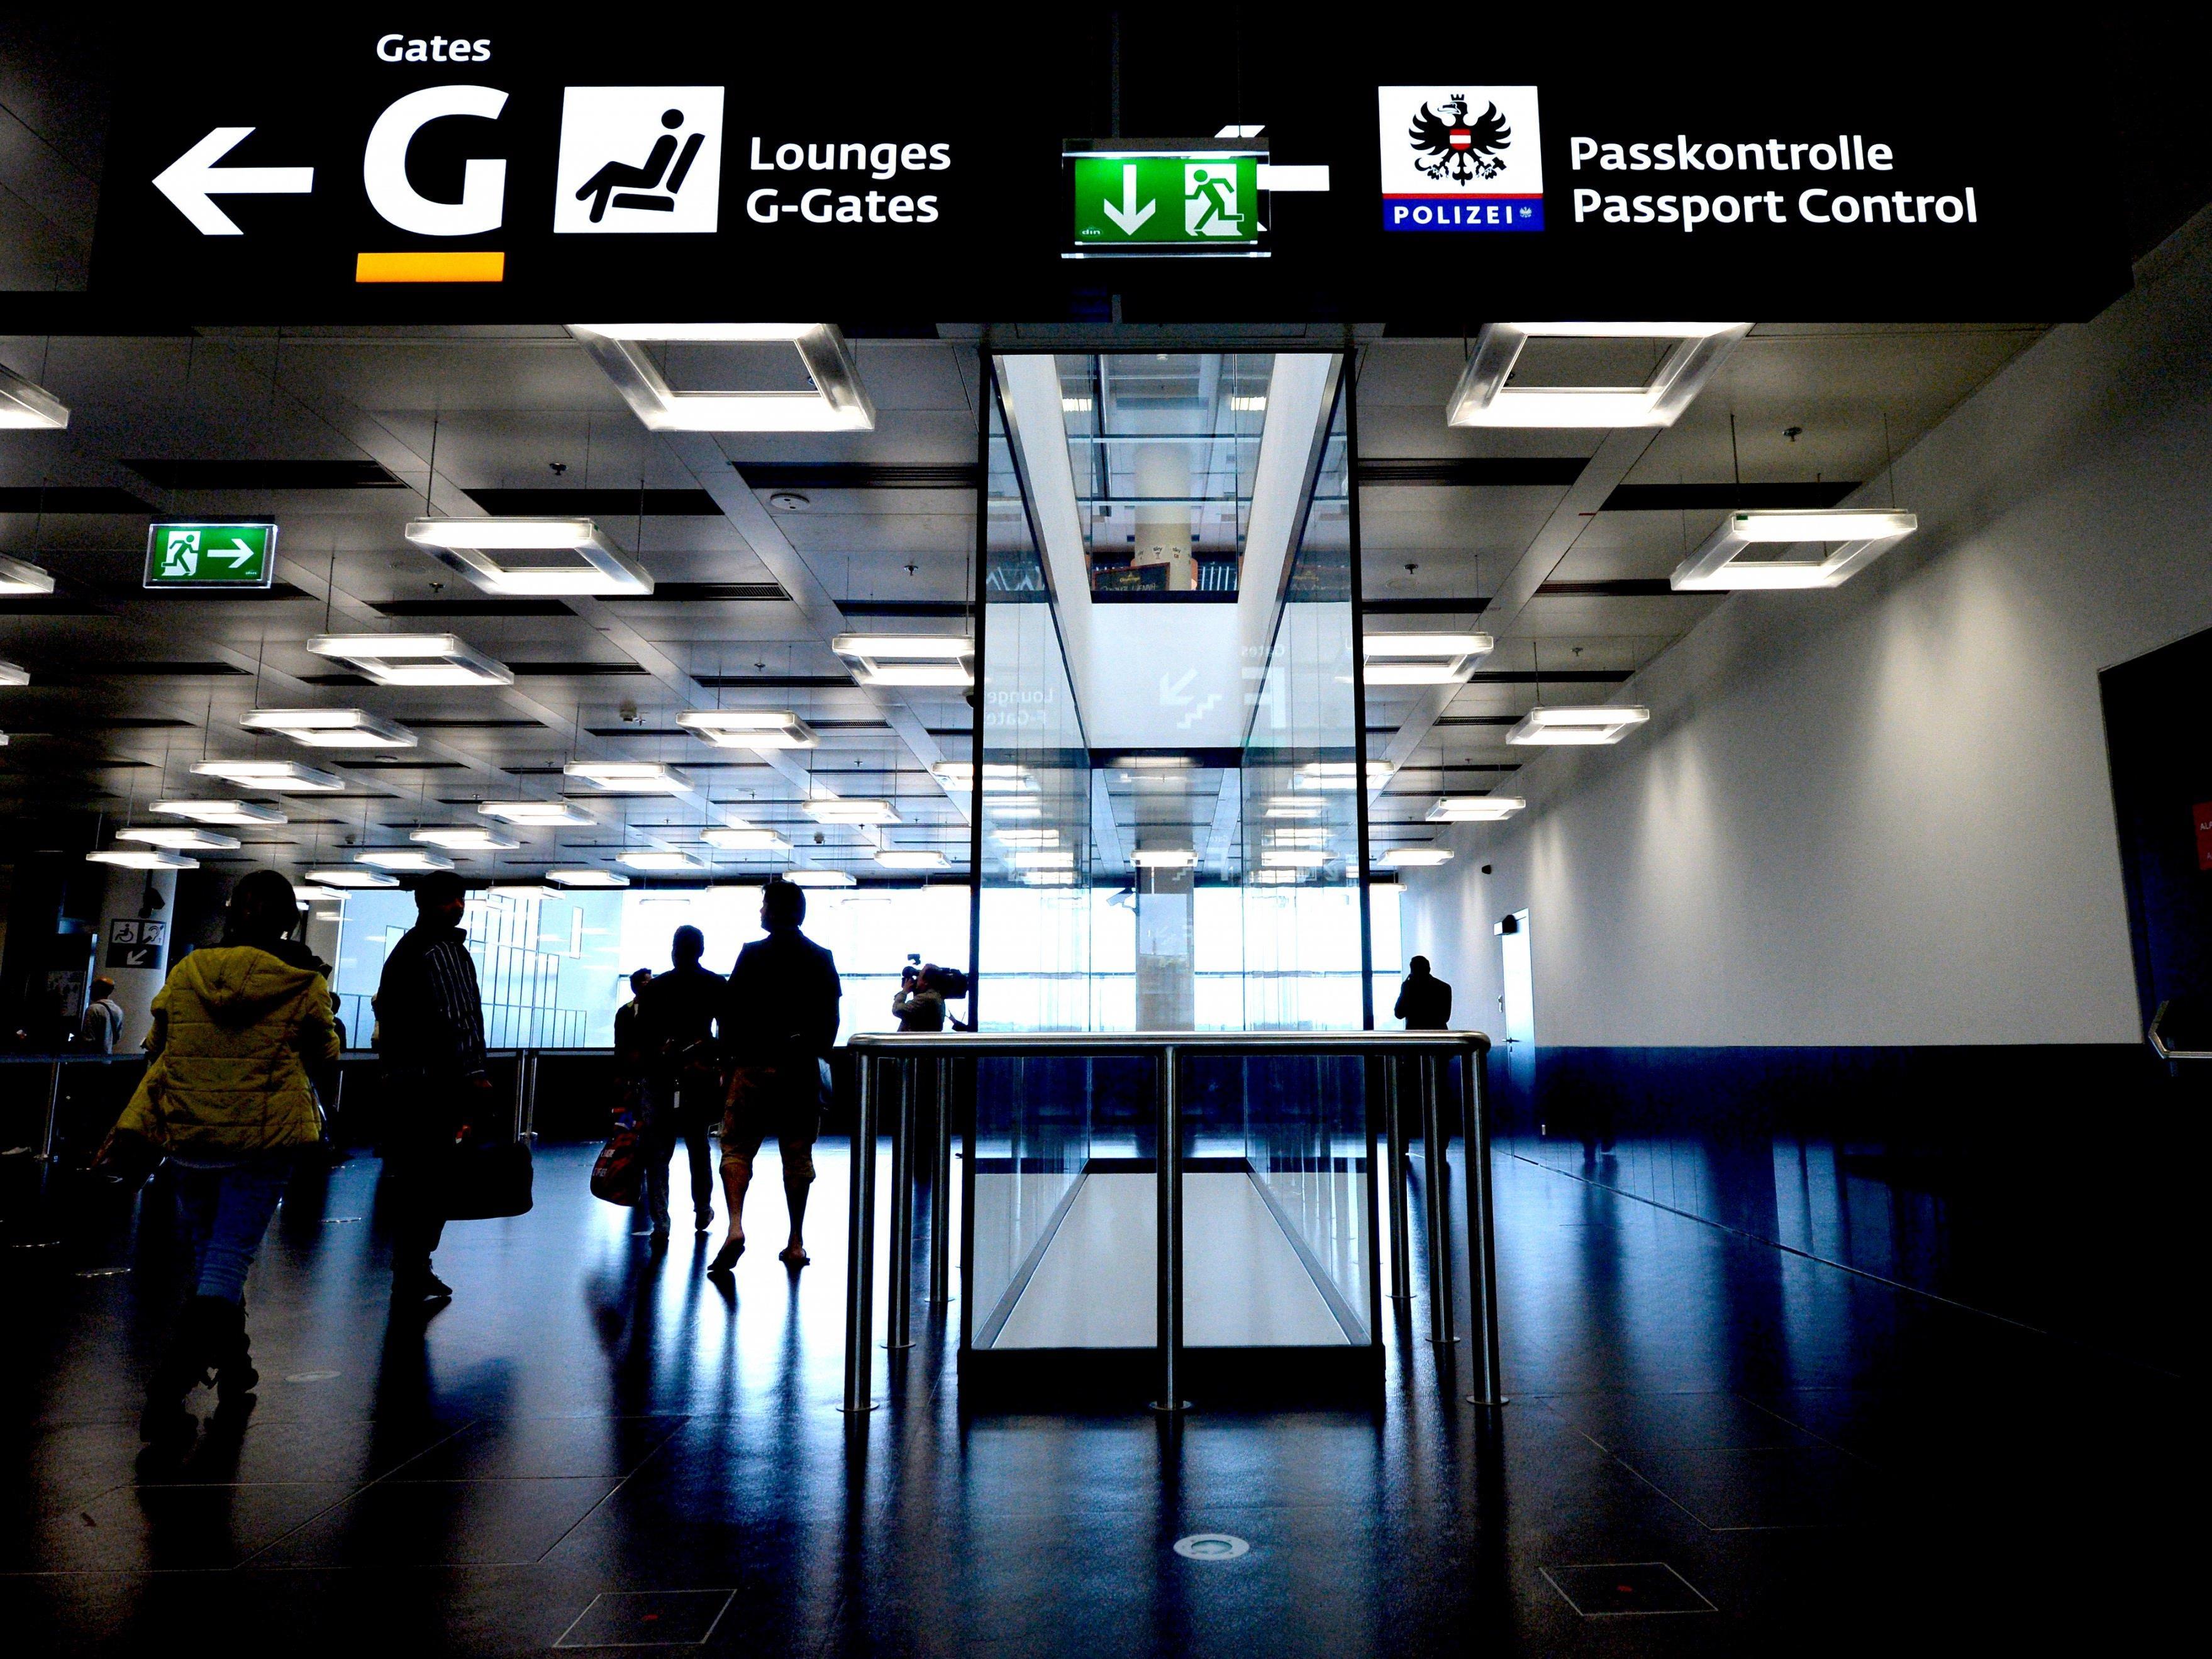 Die Wetterbedingungen führen zu Verspätungen beim Flughafen Wien